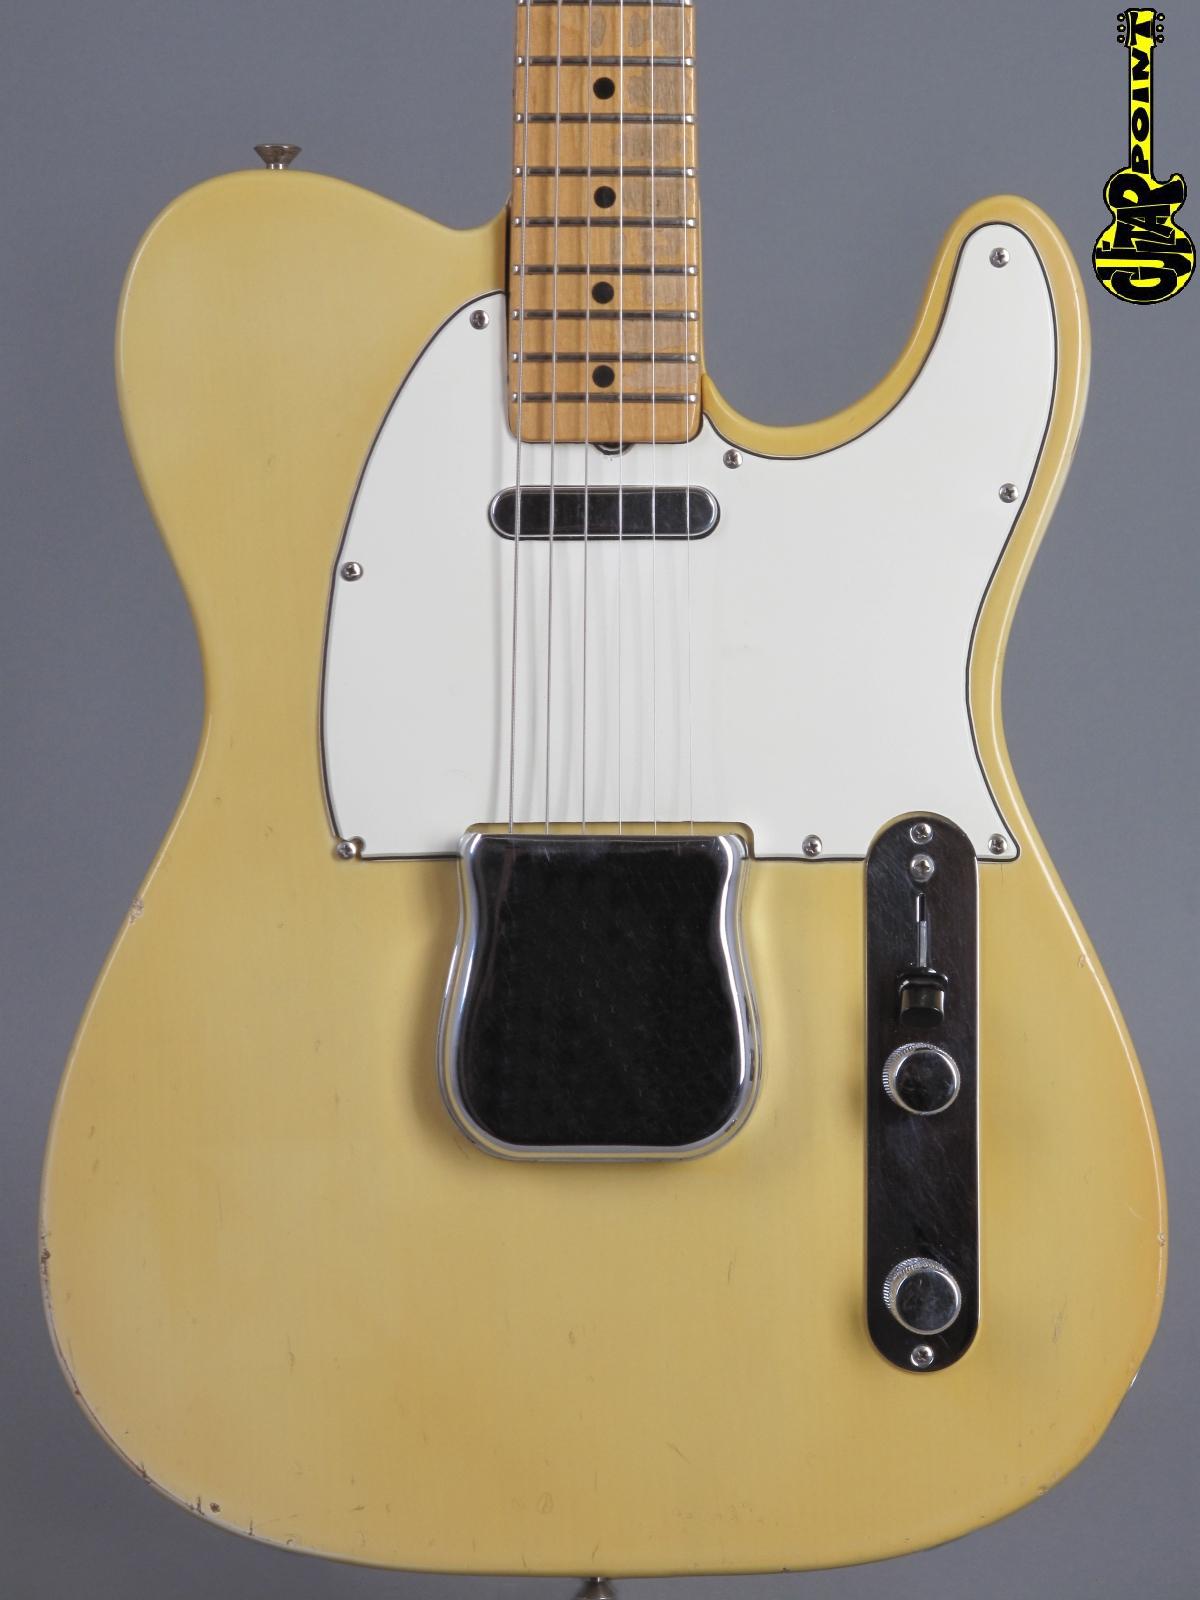 1968 Fender Telecaster - Blond    ...Maple-cap neck!